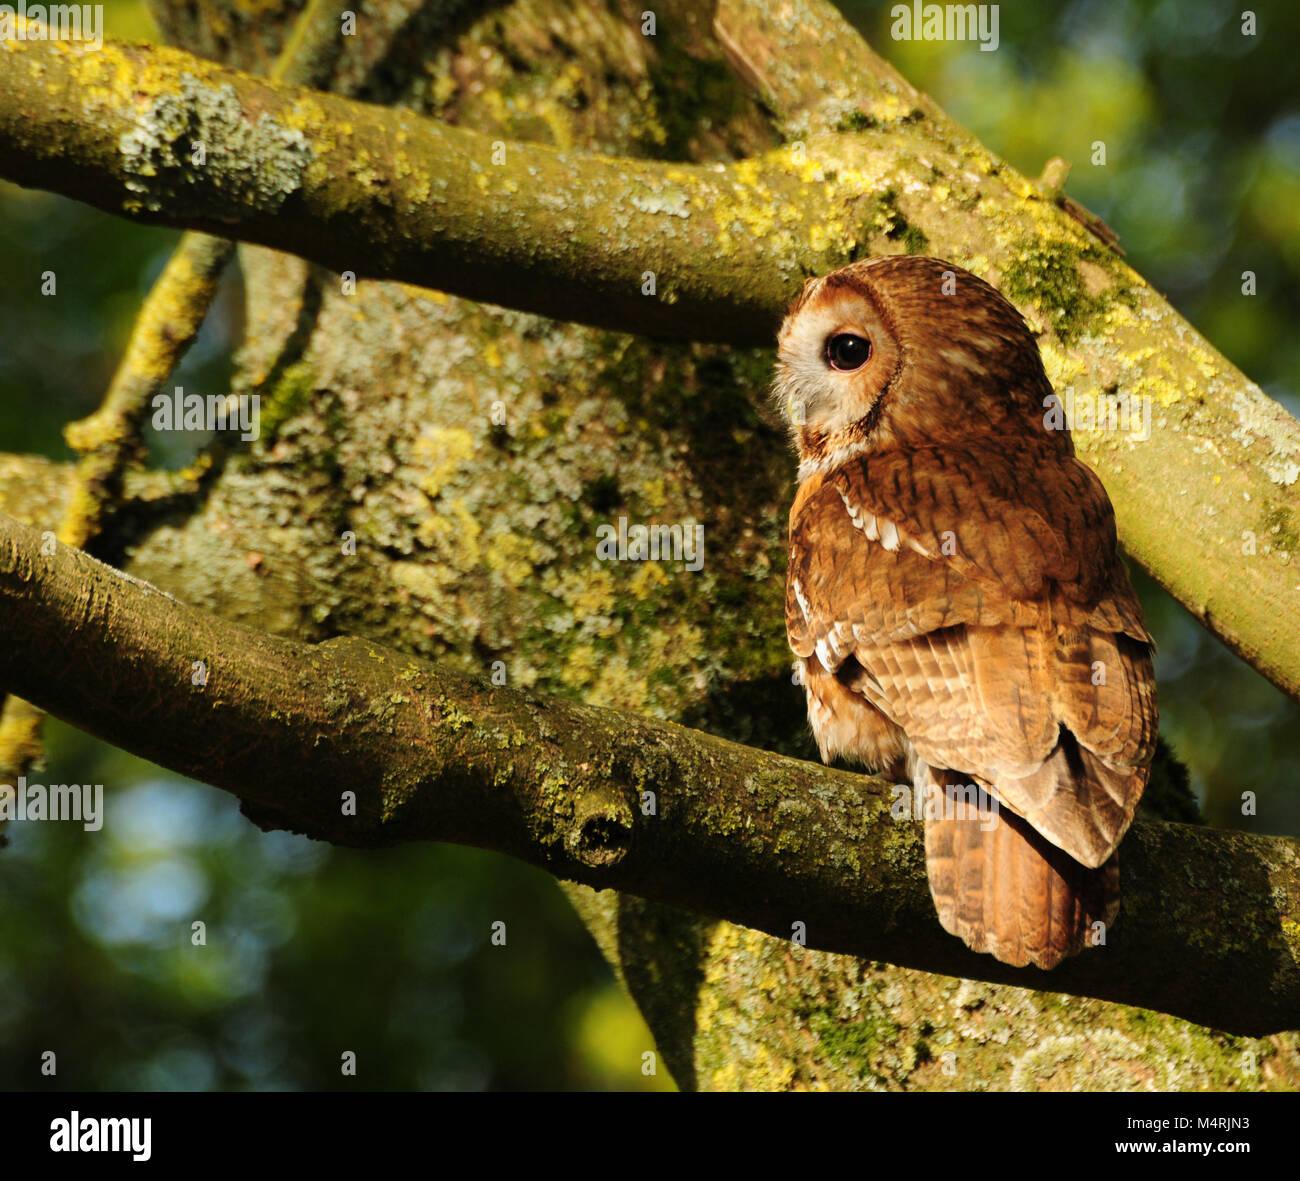 tawny owl in uk woodland - Stock Image